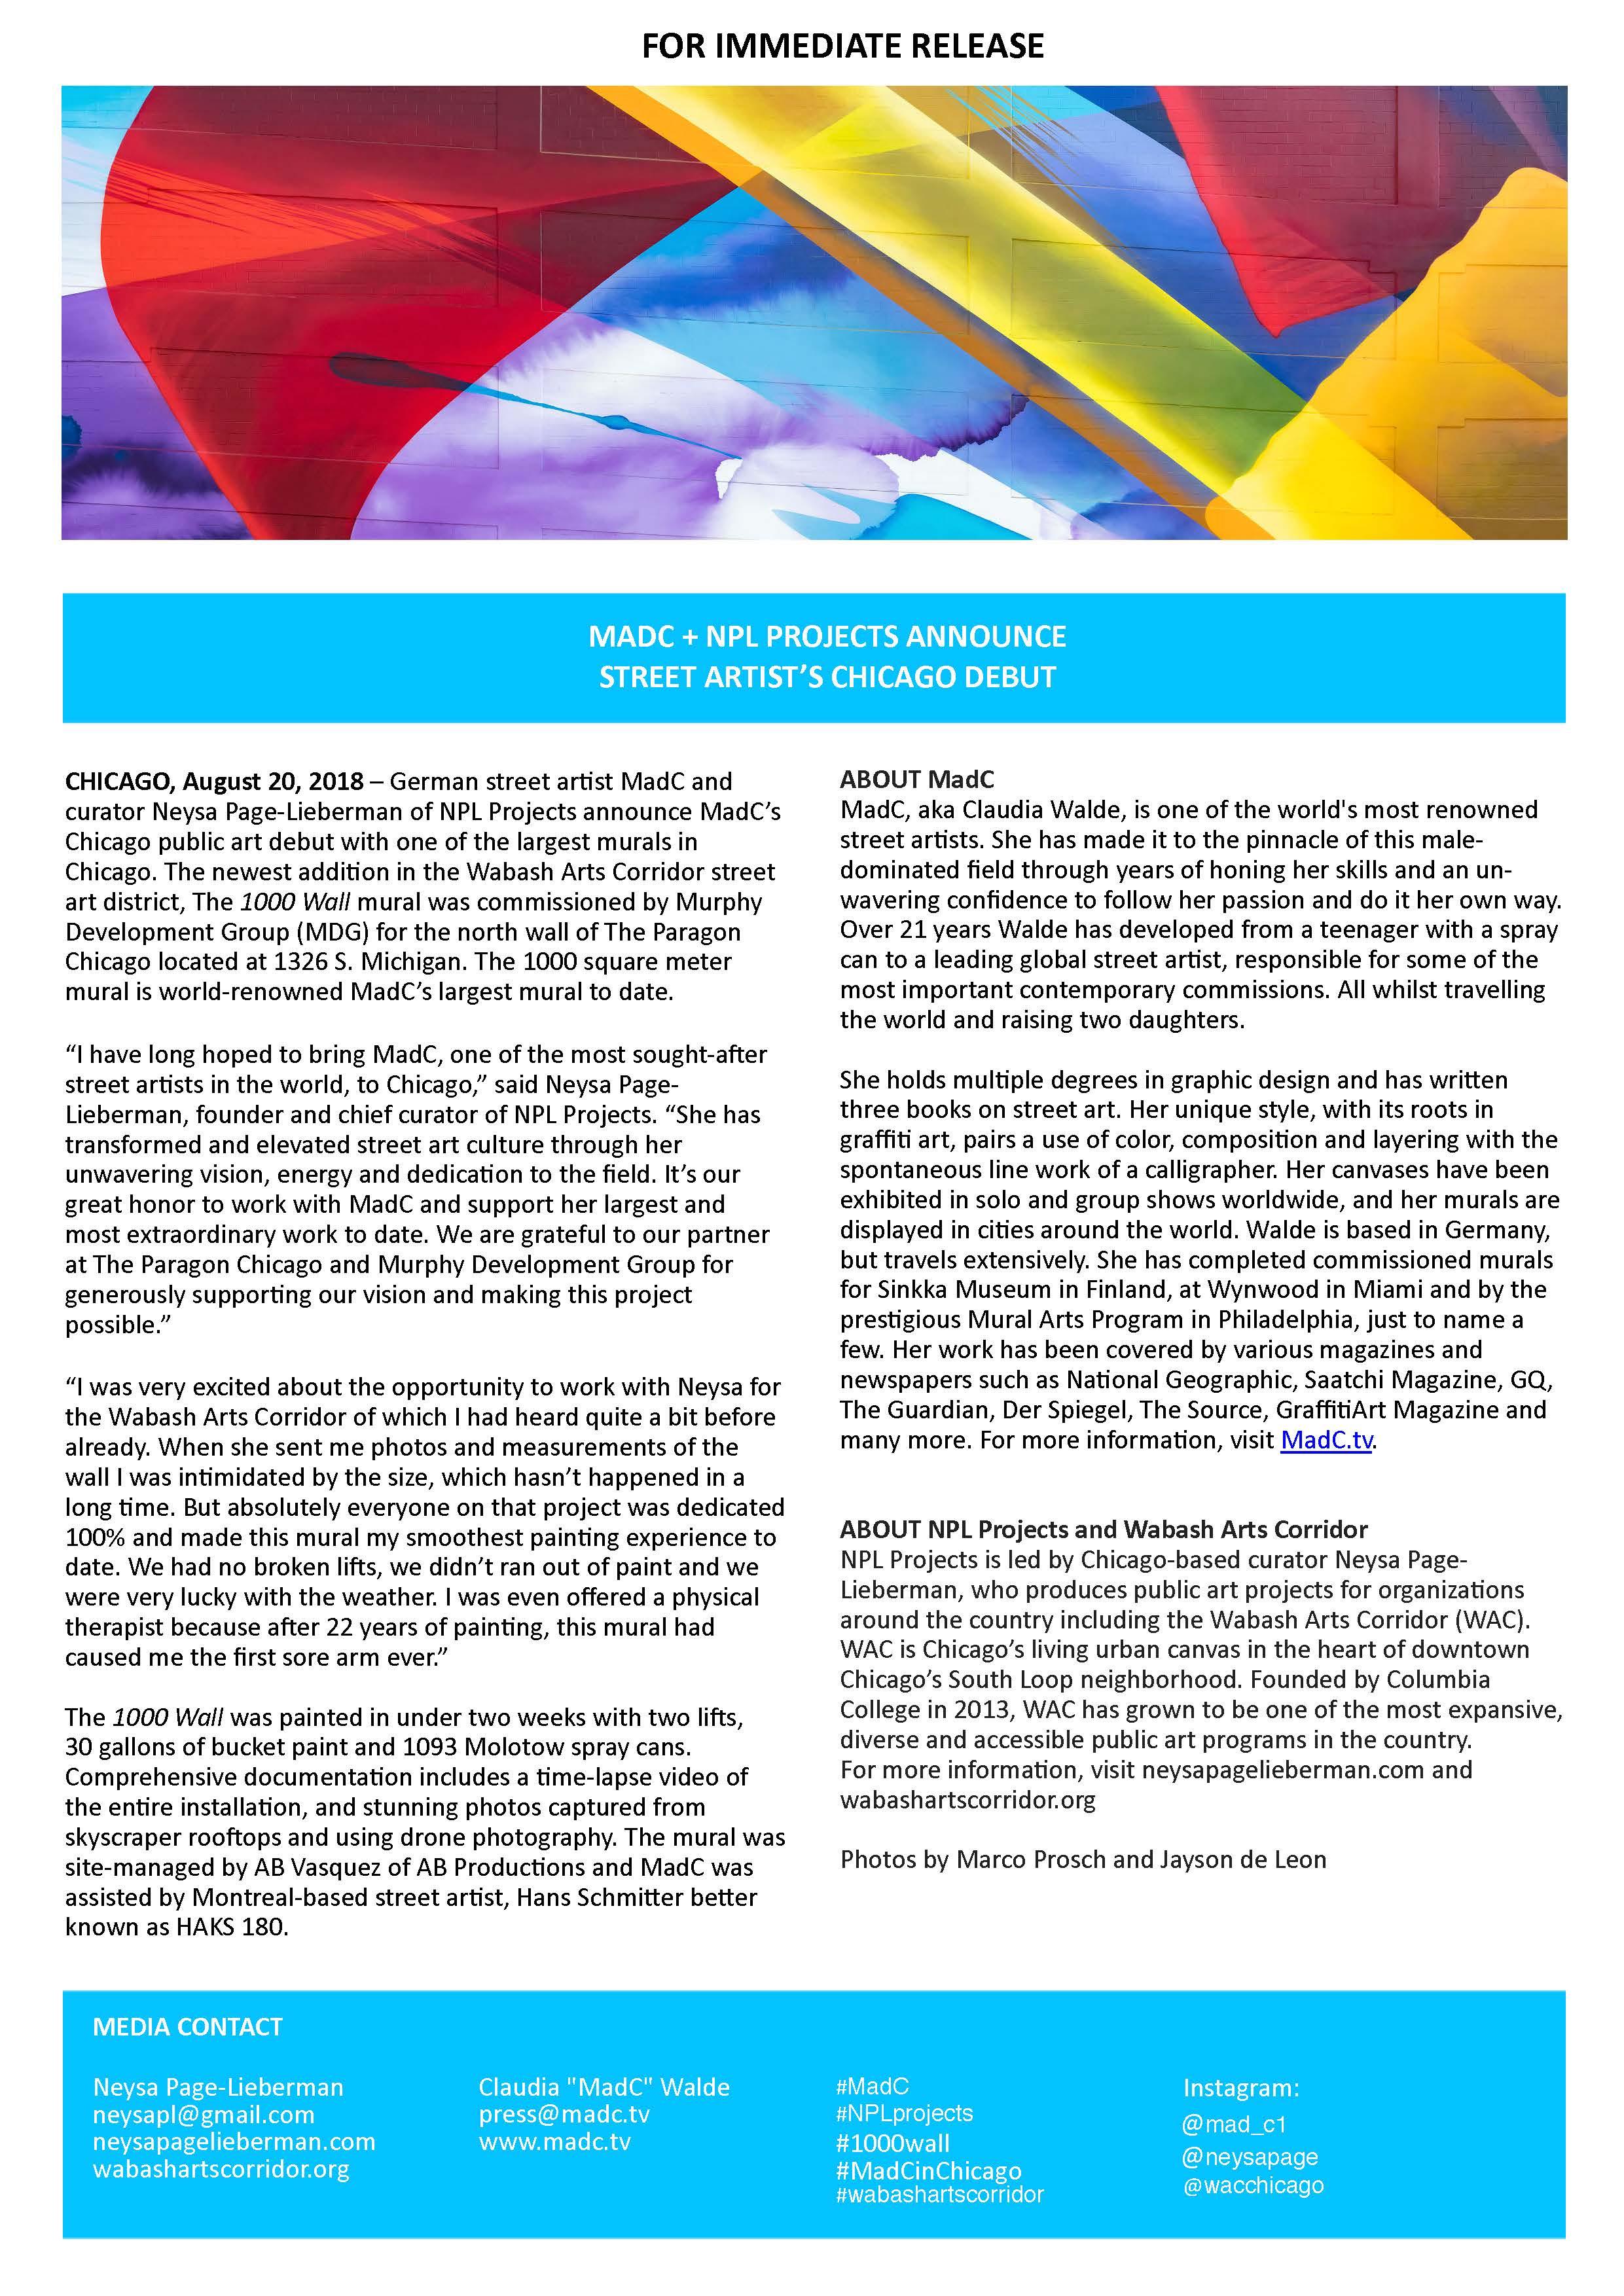 1000 Wall Press Release.jpg